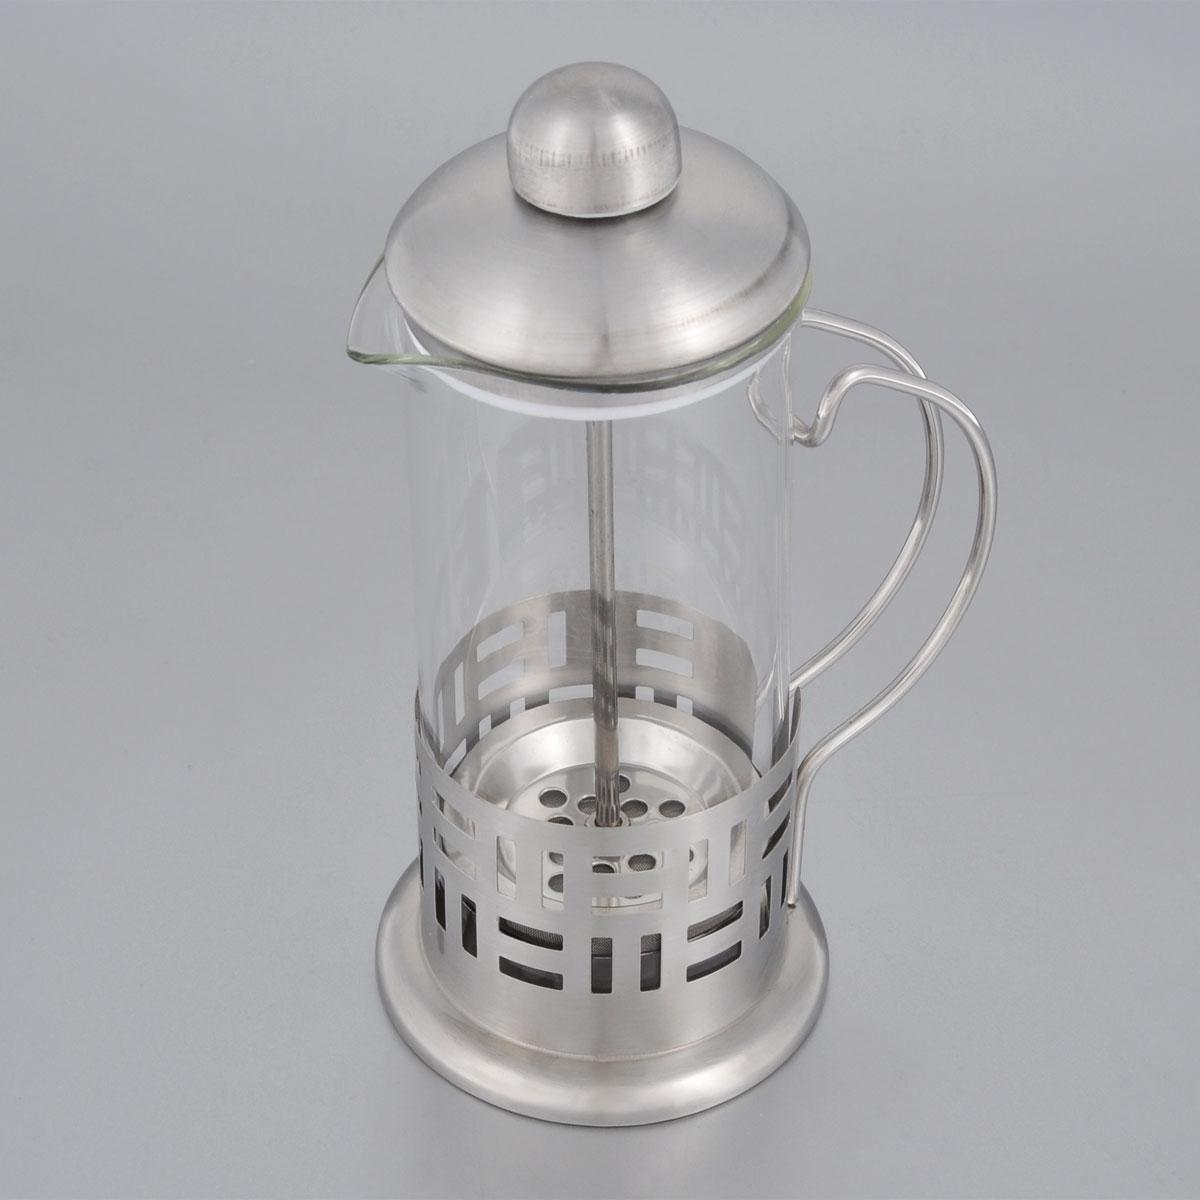 Френч-пресс Bohmann, 350 мл. 9535BH9535BHФренч-пресс Bohmann используется для заваривания крупнолистового чая, кофе среднего помола, травяных сборов. Изготовлен из высококачественной нержавеющей стали и термостойкого стекла, выдерживающего высокую температуру, что придает ему надежность и долговечность. Френч-пресс Bohmann незаменим для любителей чая и кофе. Можно мыть в посудомоечной машине. Объем: 350 мл. Высота (с учетом крышки): 18 см. Диаметр (по верхнему краю): 7,5 см.